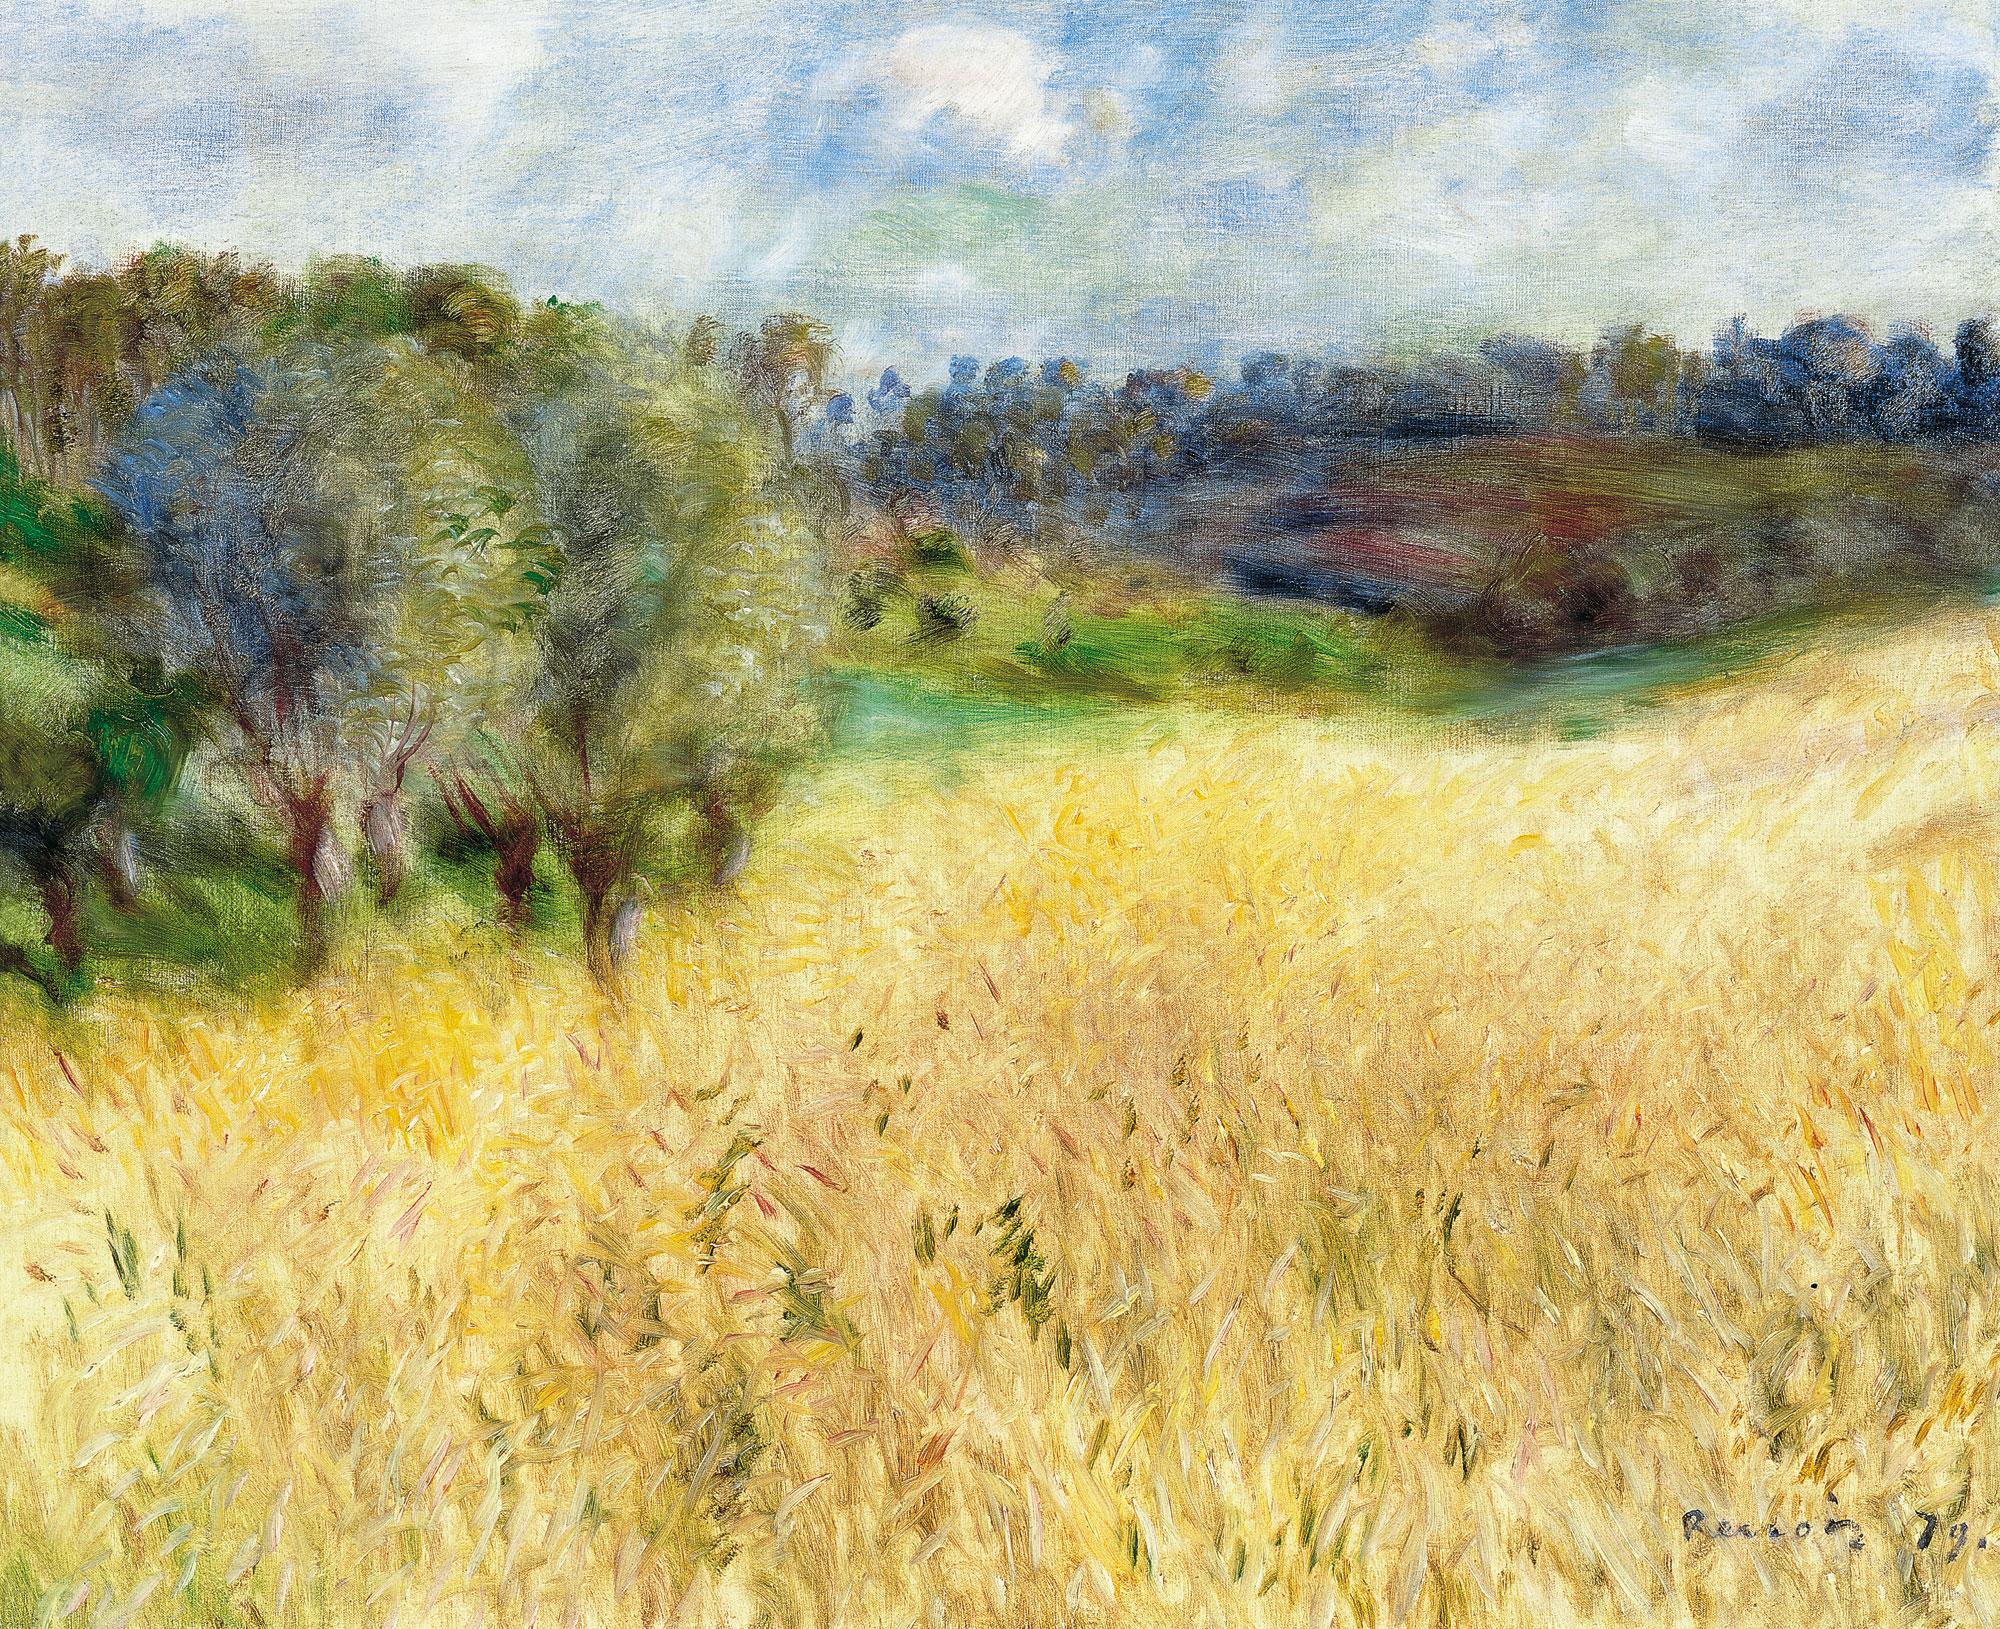 wheatfield-pierre-auguste-renoir-museo-thyssen-1391334571_org.jpg